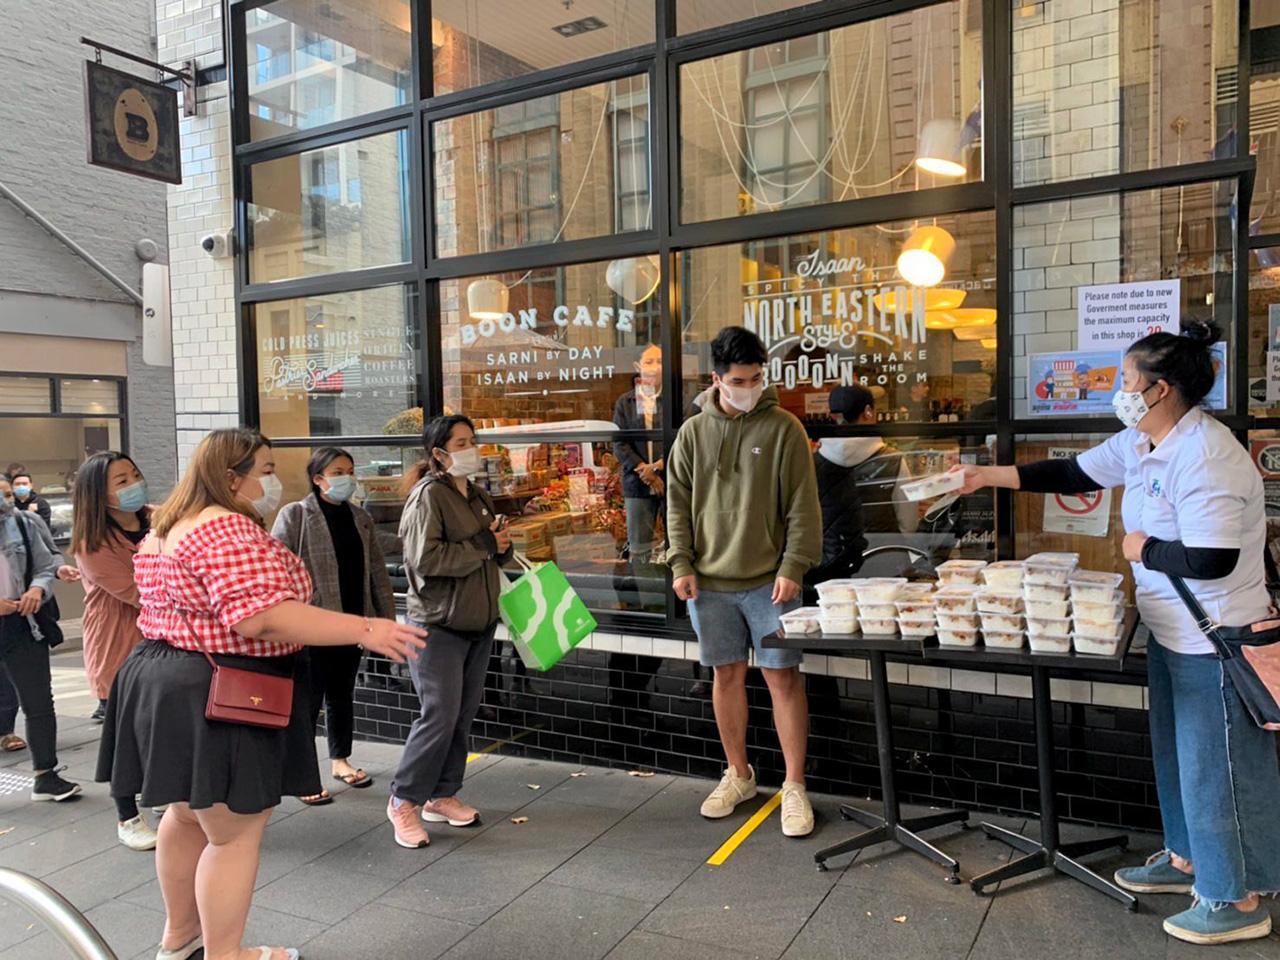 บริษัทท่องเที่ยว อินทูออส ทัวร์ ร่วมกับ Good day study แจกอาหารให้นักเรียนไทยซึ่งได้รับผลกระทบจากโควิด-19 ระบาด ที่หน้าร้านเจริญชัย ซิดนีย์.